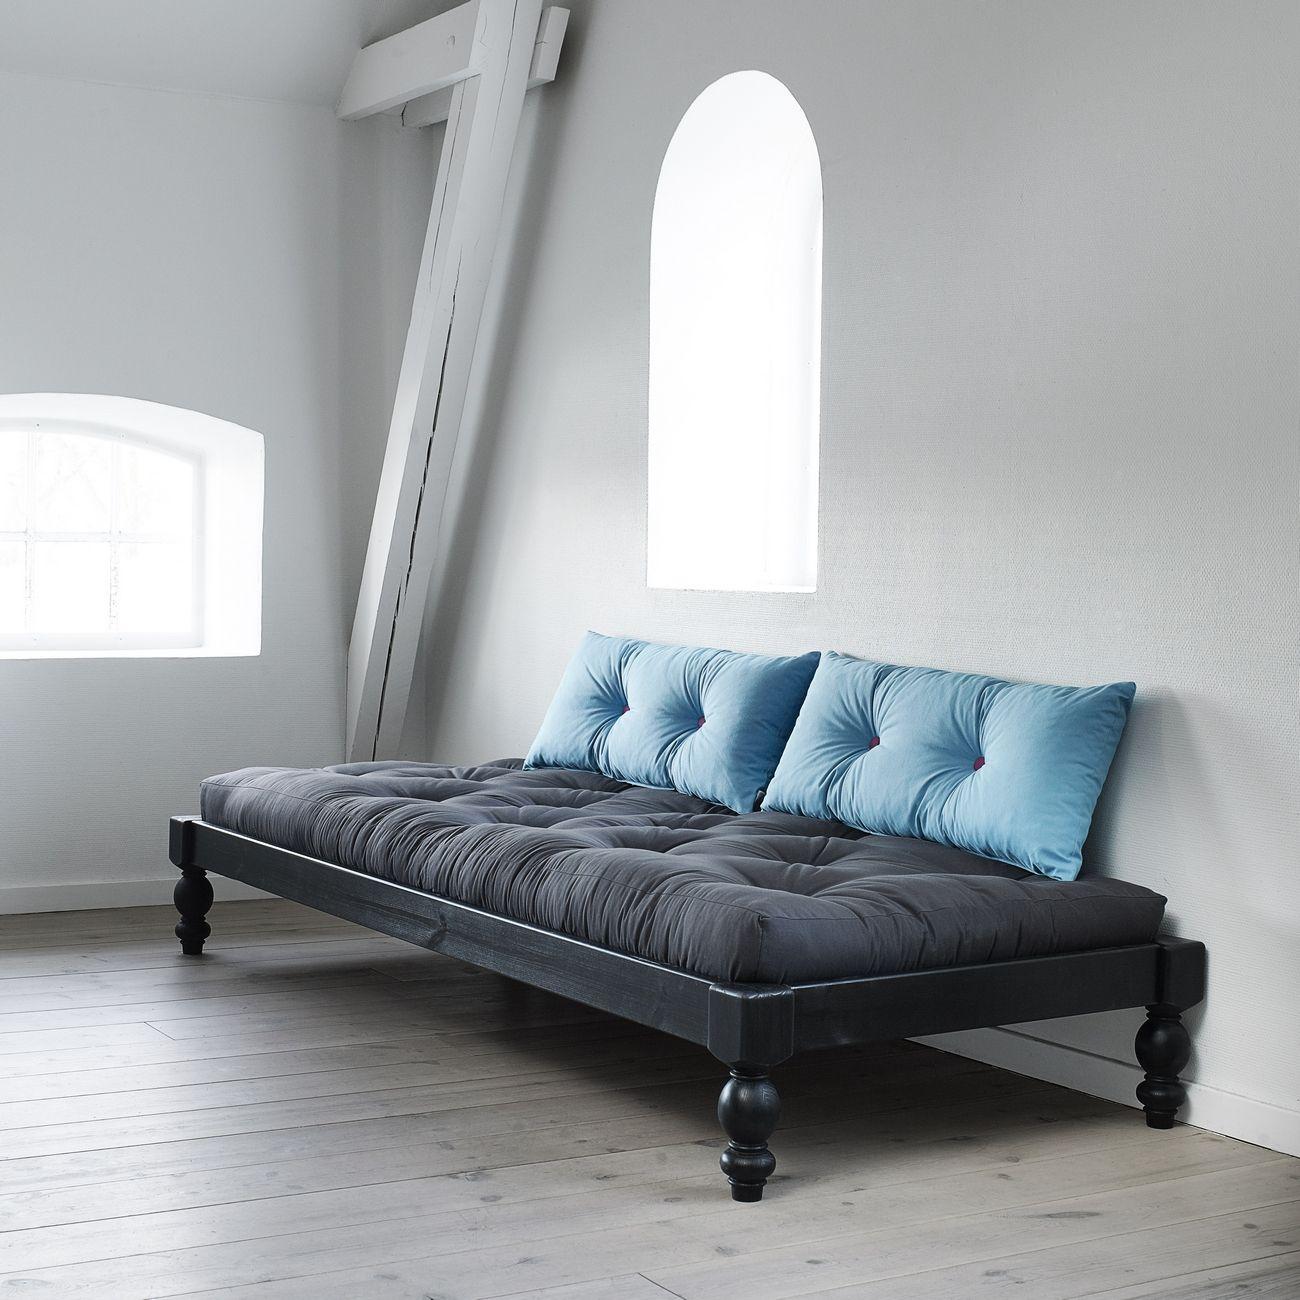 Image Result For Diy Futon Frame Single Bed